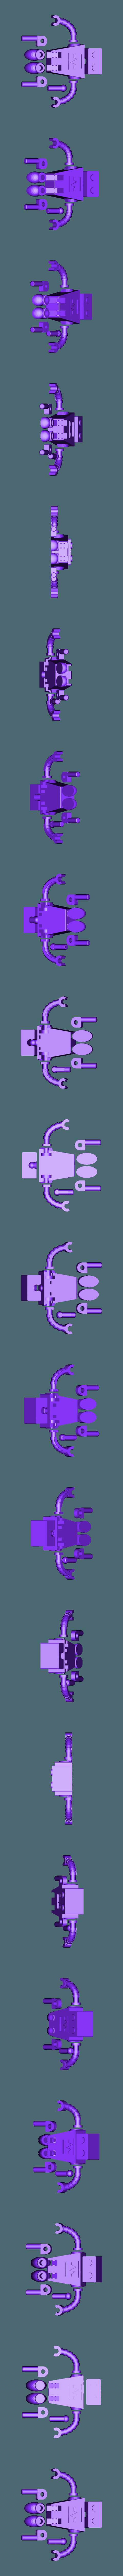 papa.stl Télécharger fichier STL gratuit Famille de robots Simple Pas de soutien • Plan imprimable en 3D, Toymakr3D